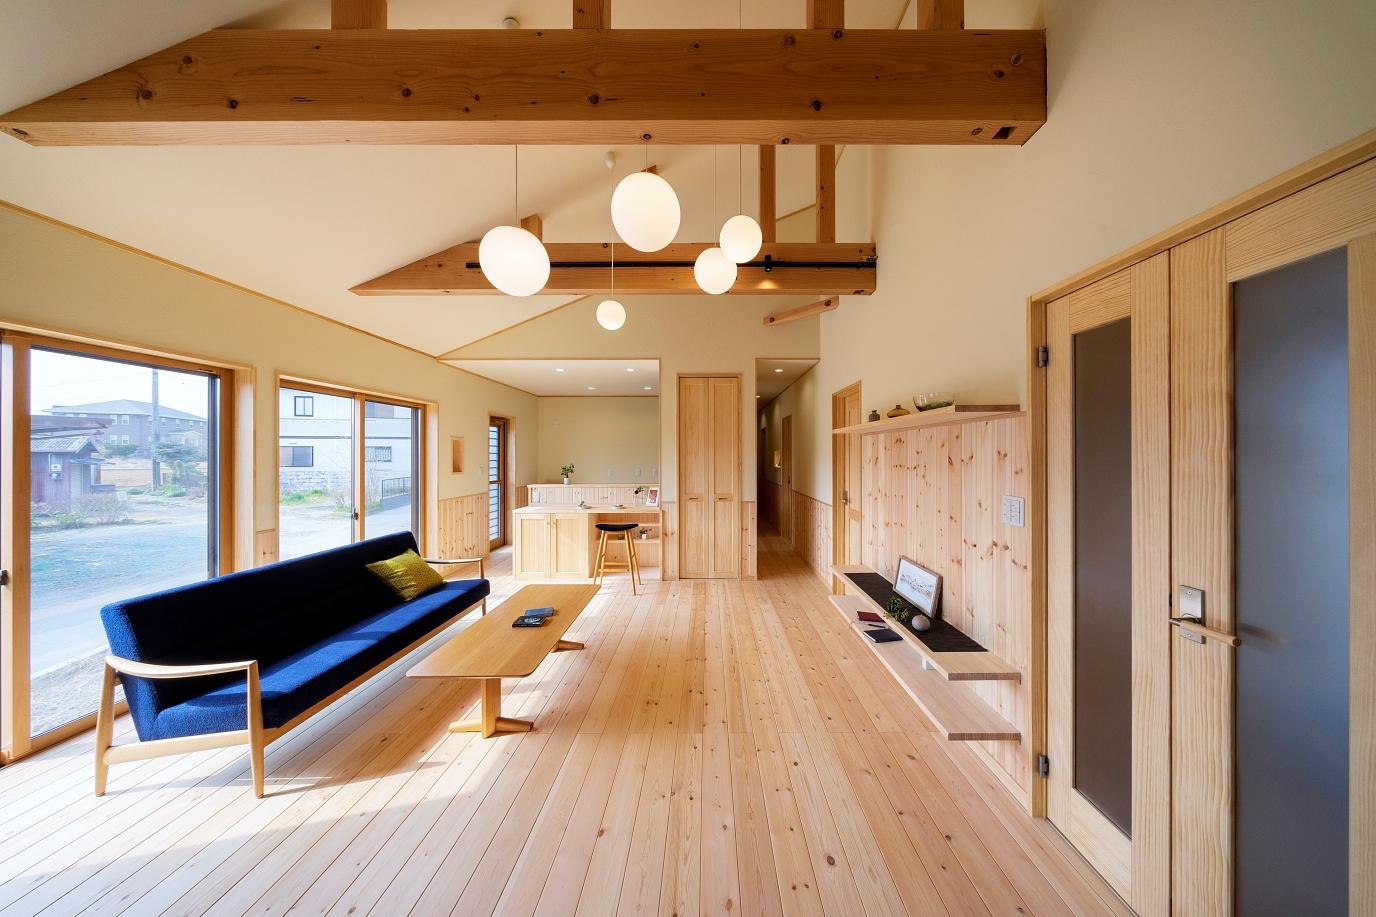 勾配天井×梁見せ天井で家族とのコミュニケーションも弾む、ゆったり大空間の平屋。